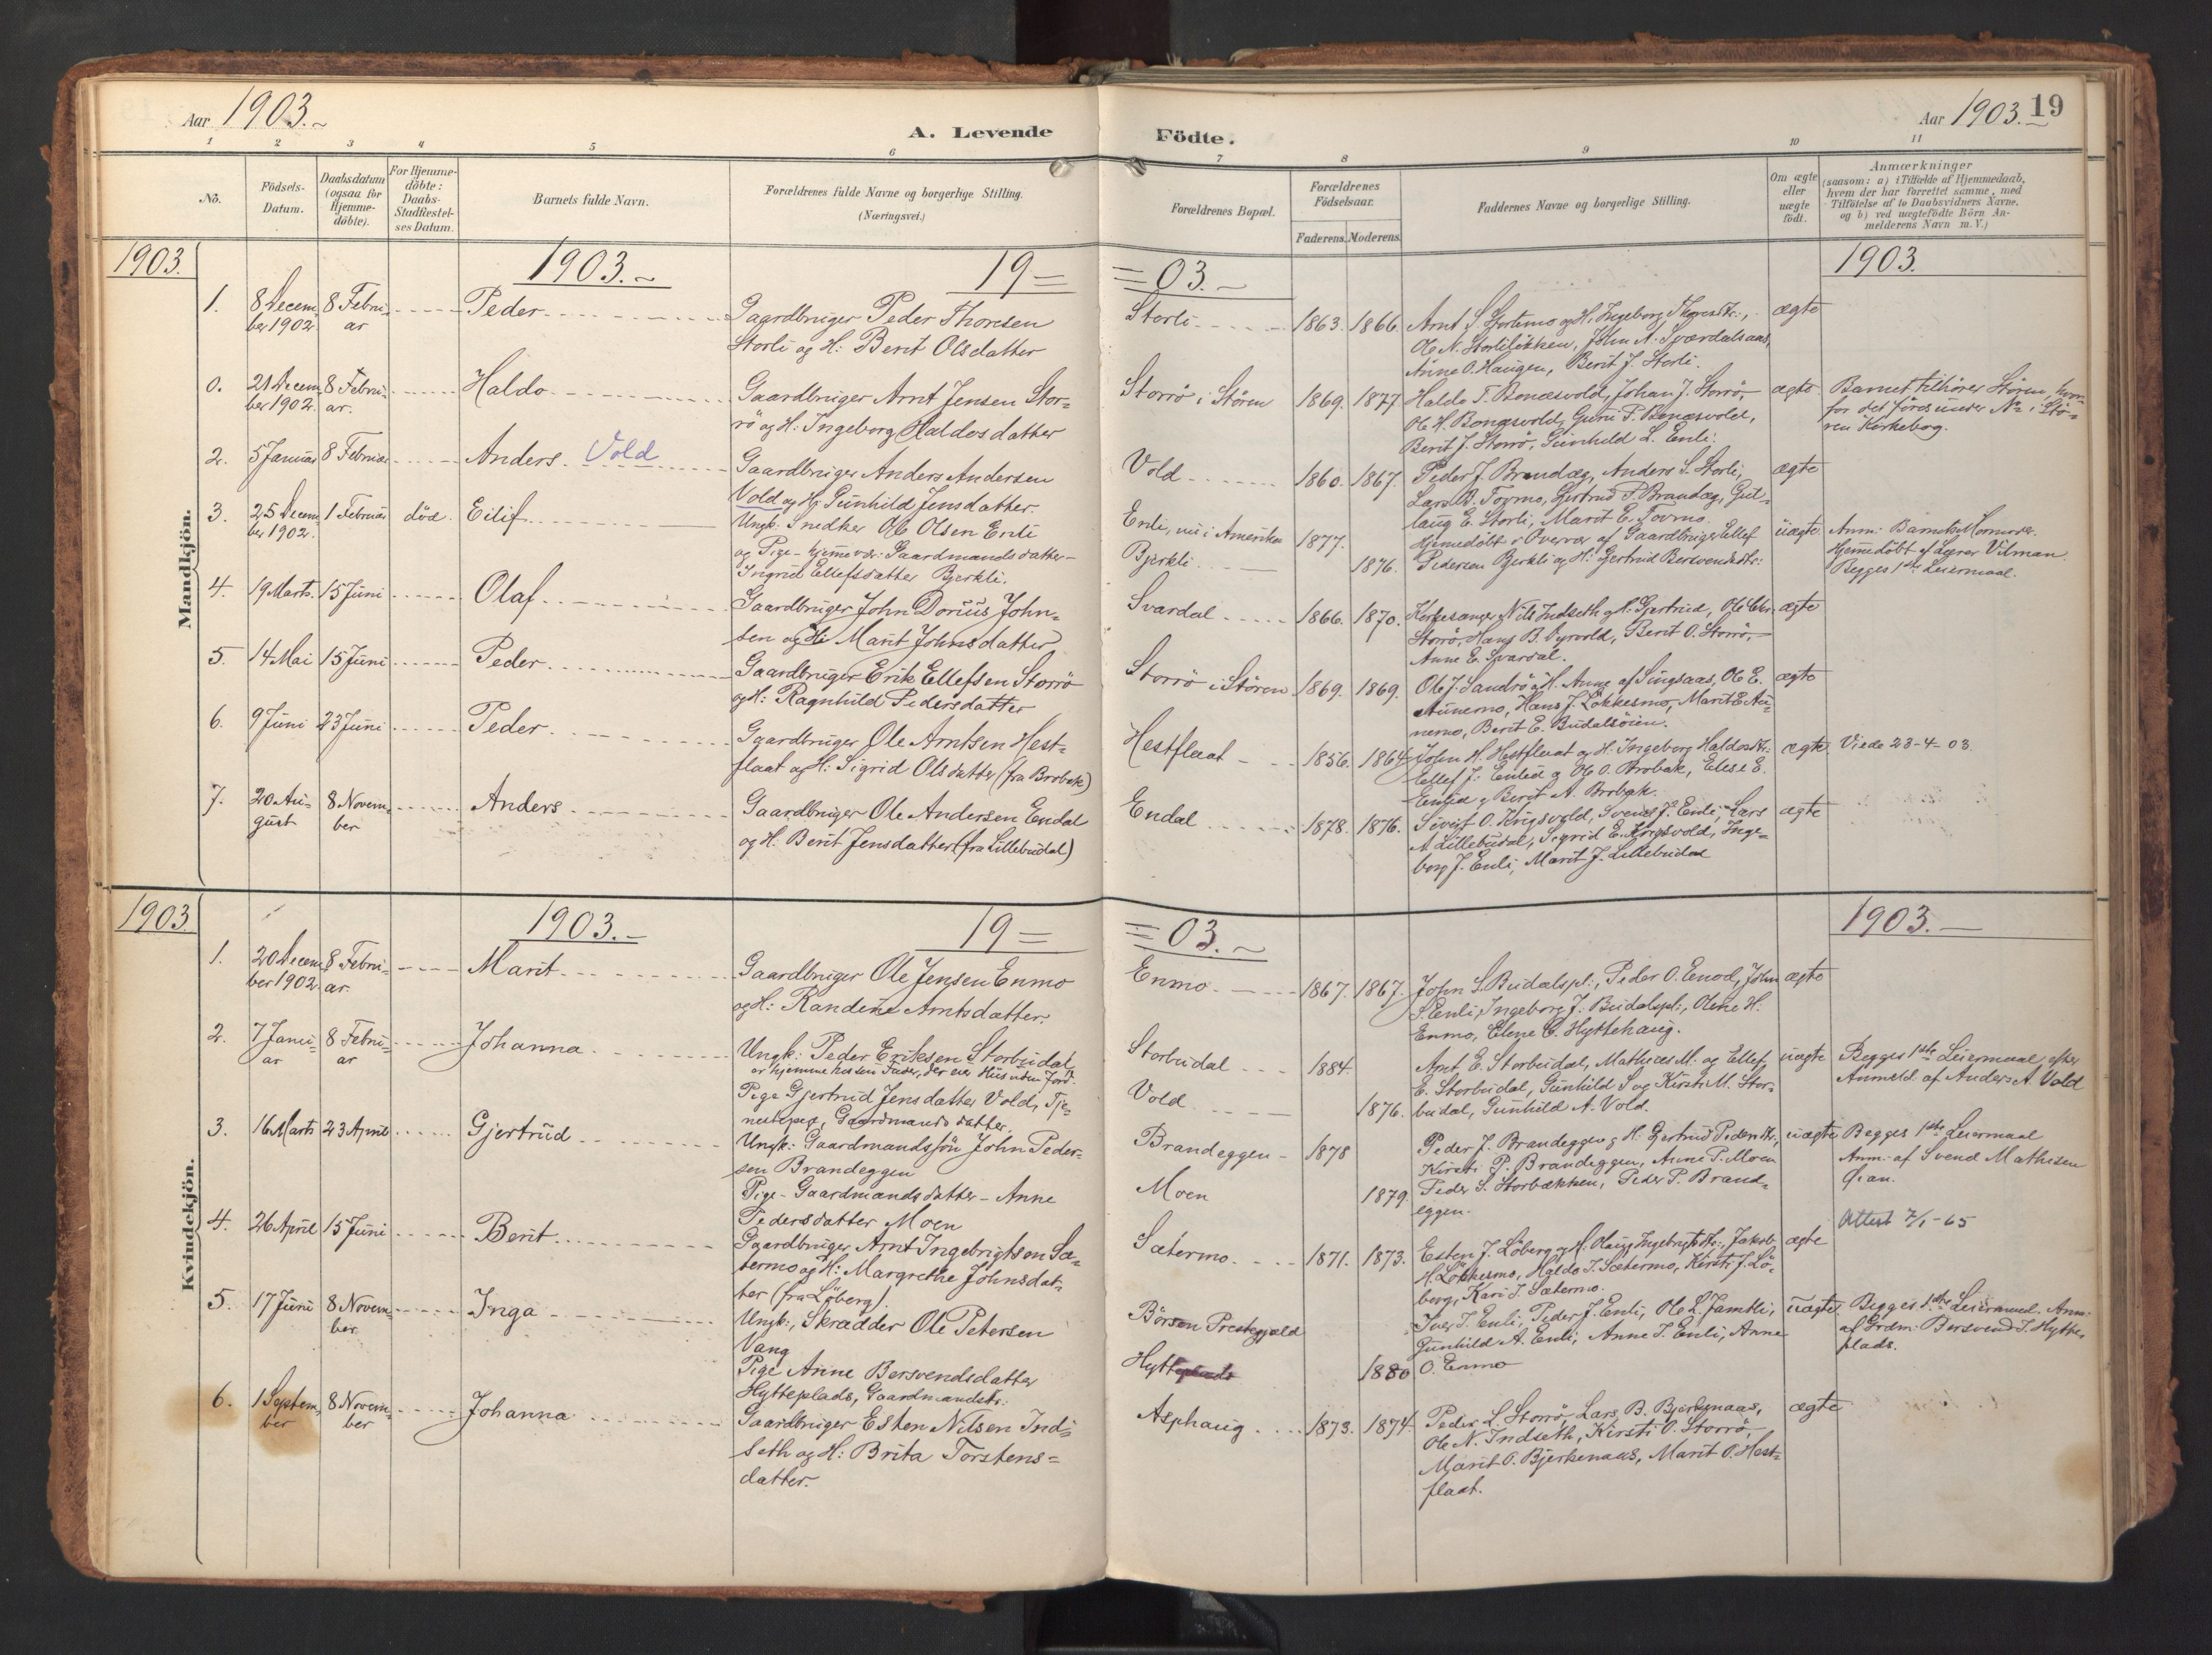 SAT, Ministerialprotokoller, klokkerbøker og fødselsregistre - Sør-Trøndelag, 690/L1050: Ministerialbok nr. 690A01, 1889-1929, s. 19